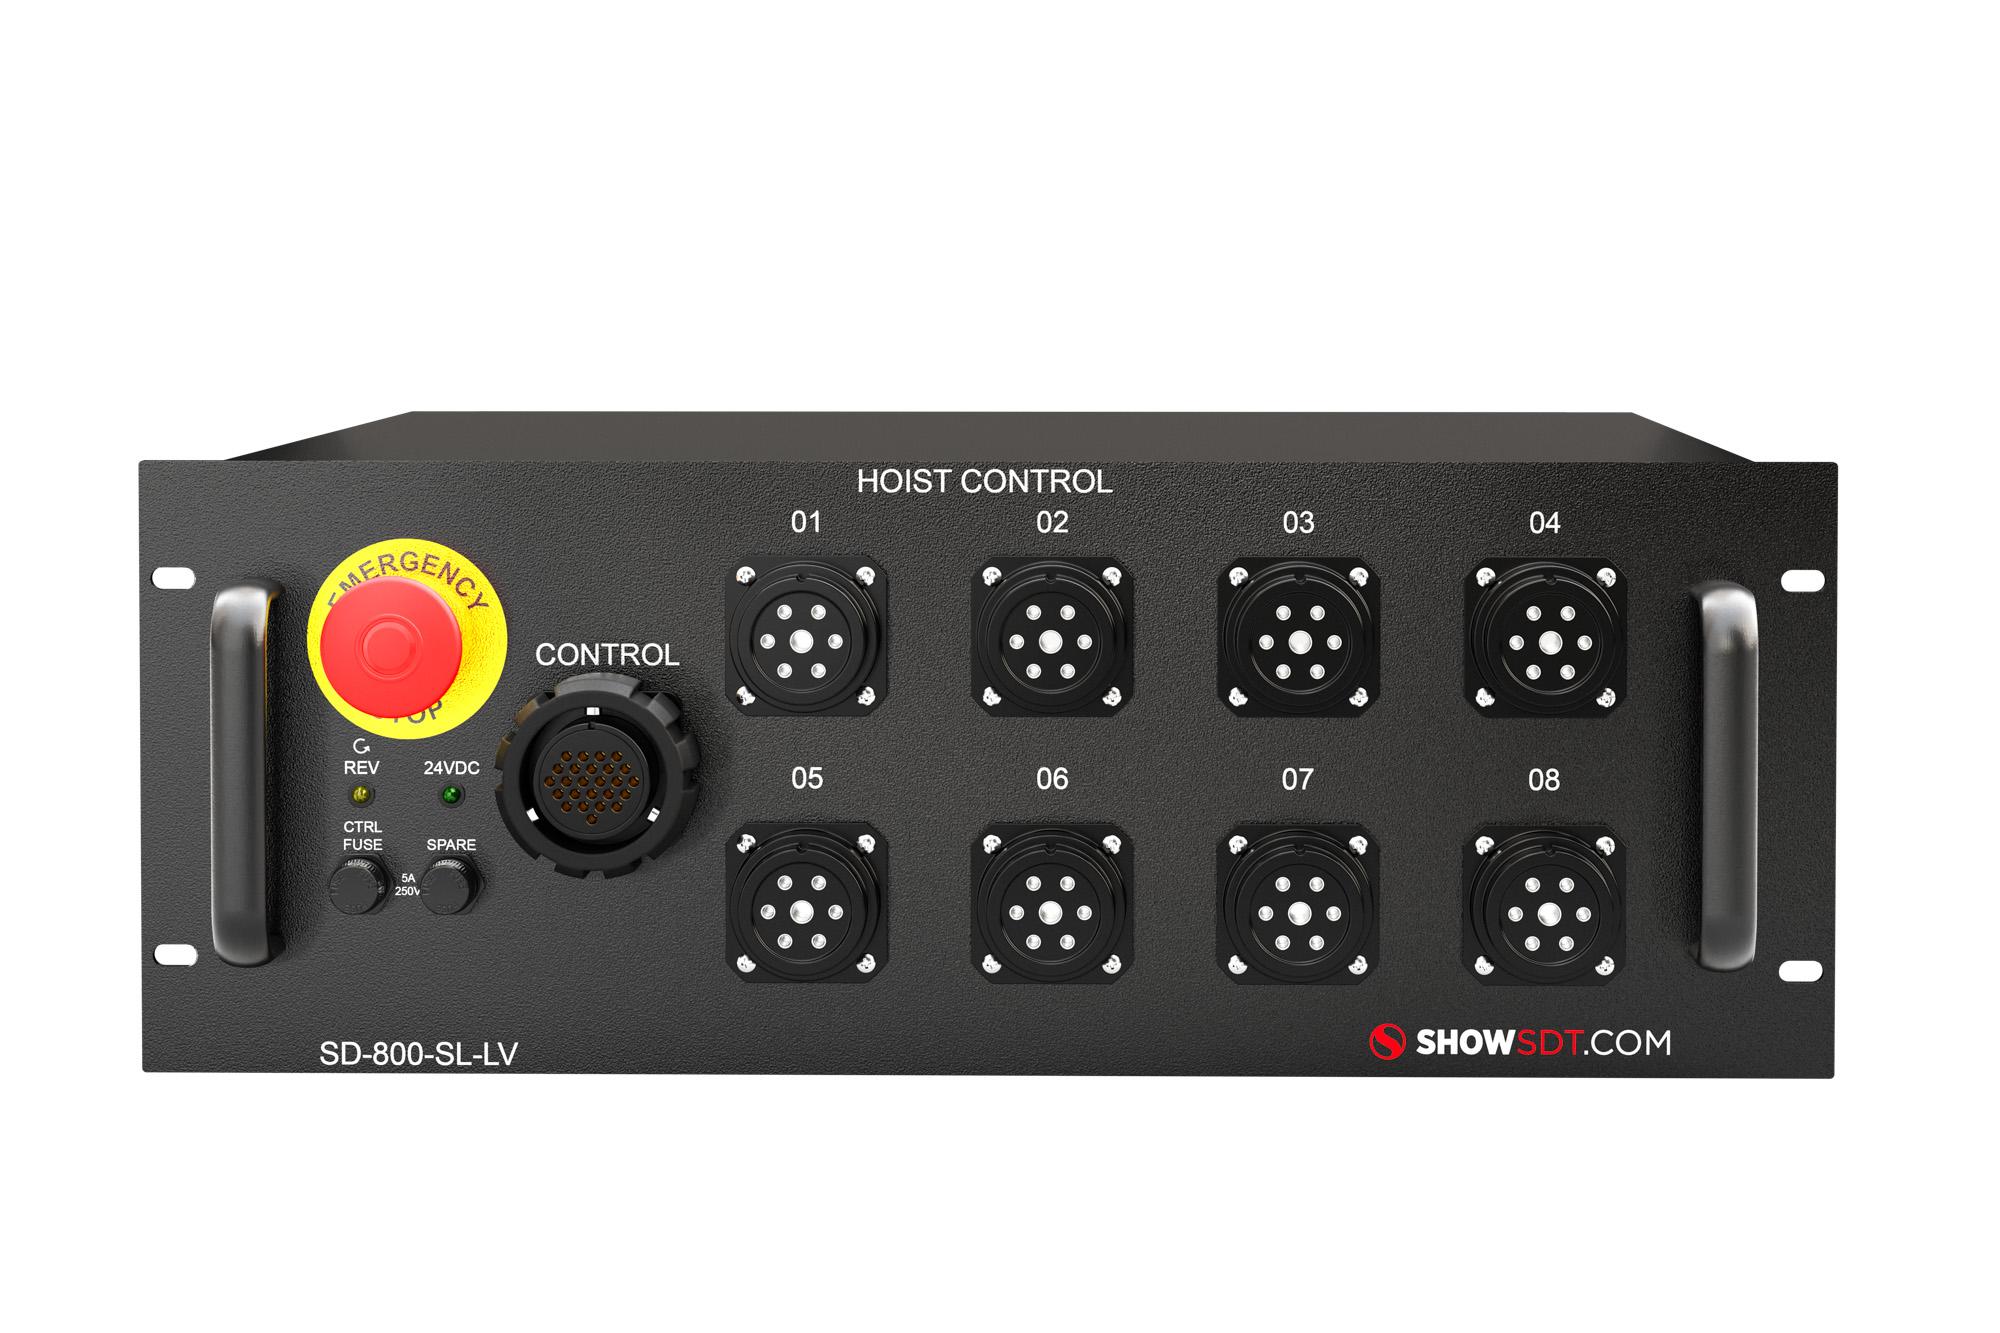 SD-800/SL-LV